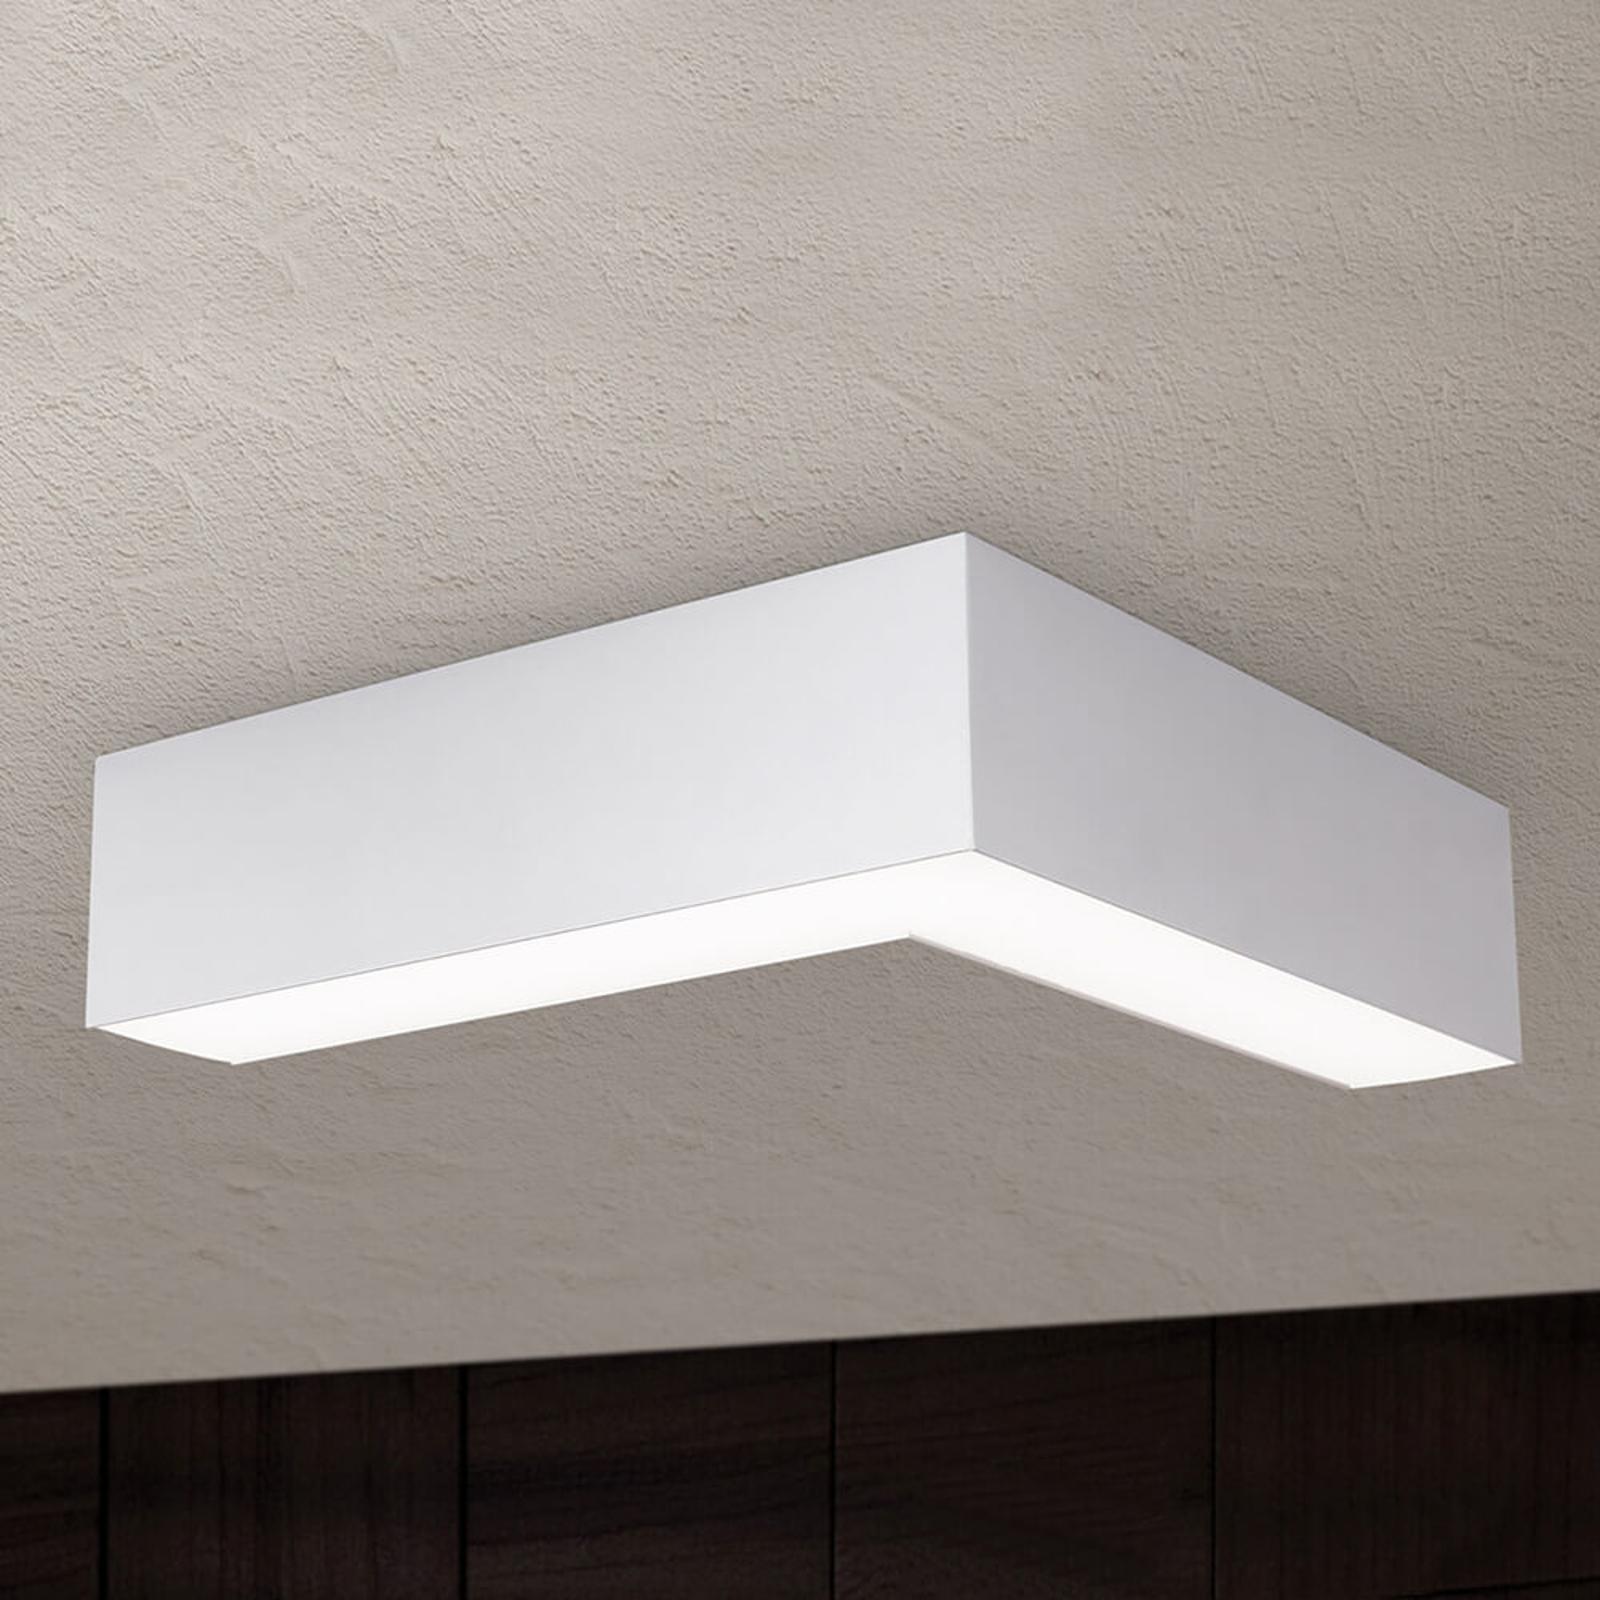 LED-Deckenleuchte Sando mit Aufhängeset, 30x30 cm